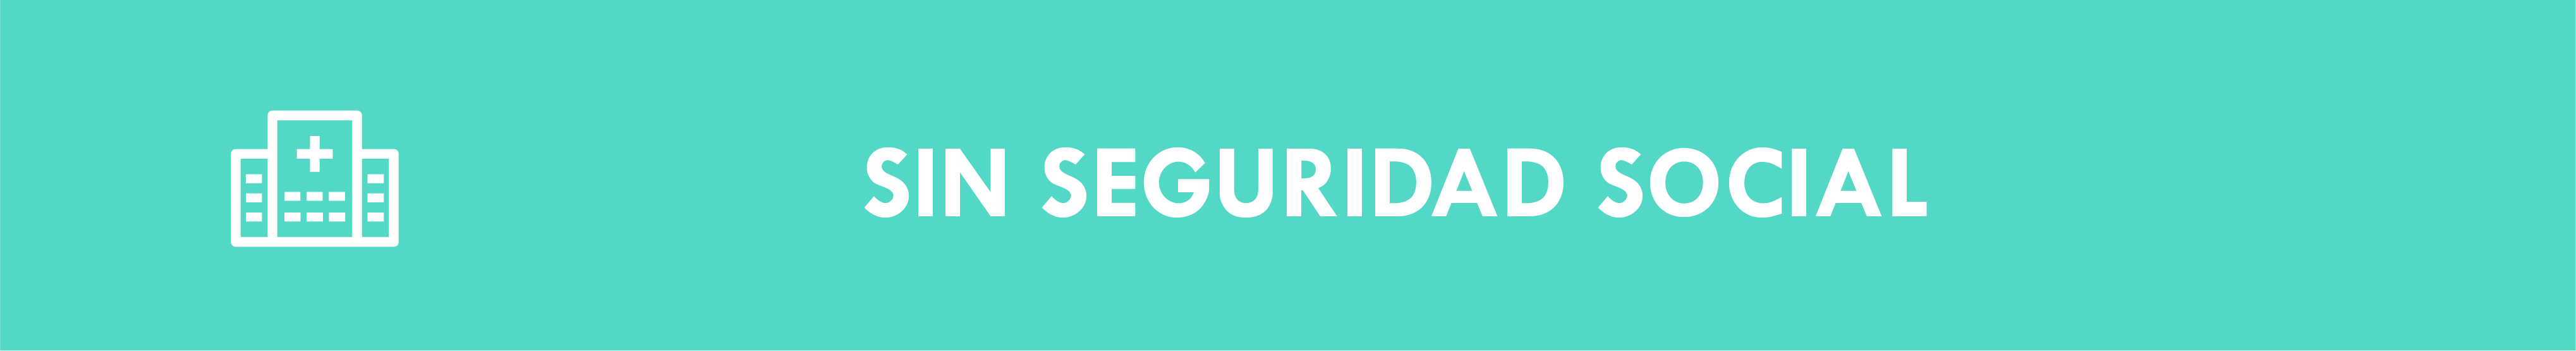 Recurso 85ELEMENTOS_INDICADO10_SIN SEGURIDAD